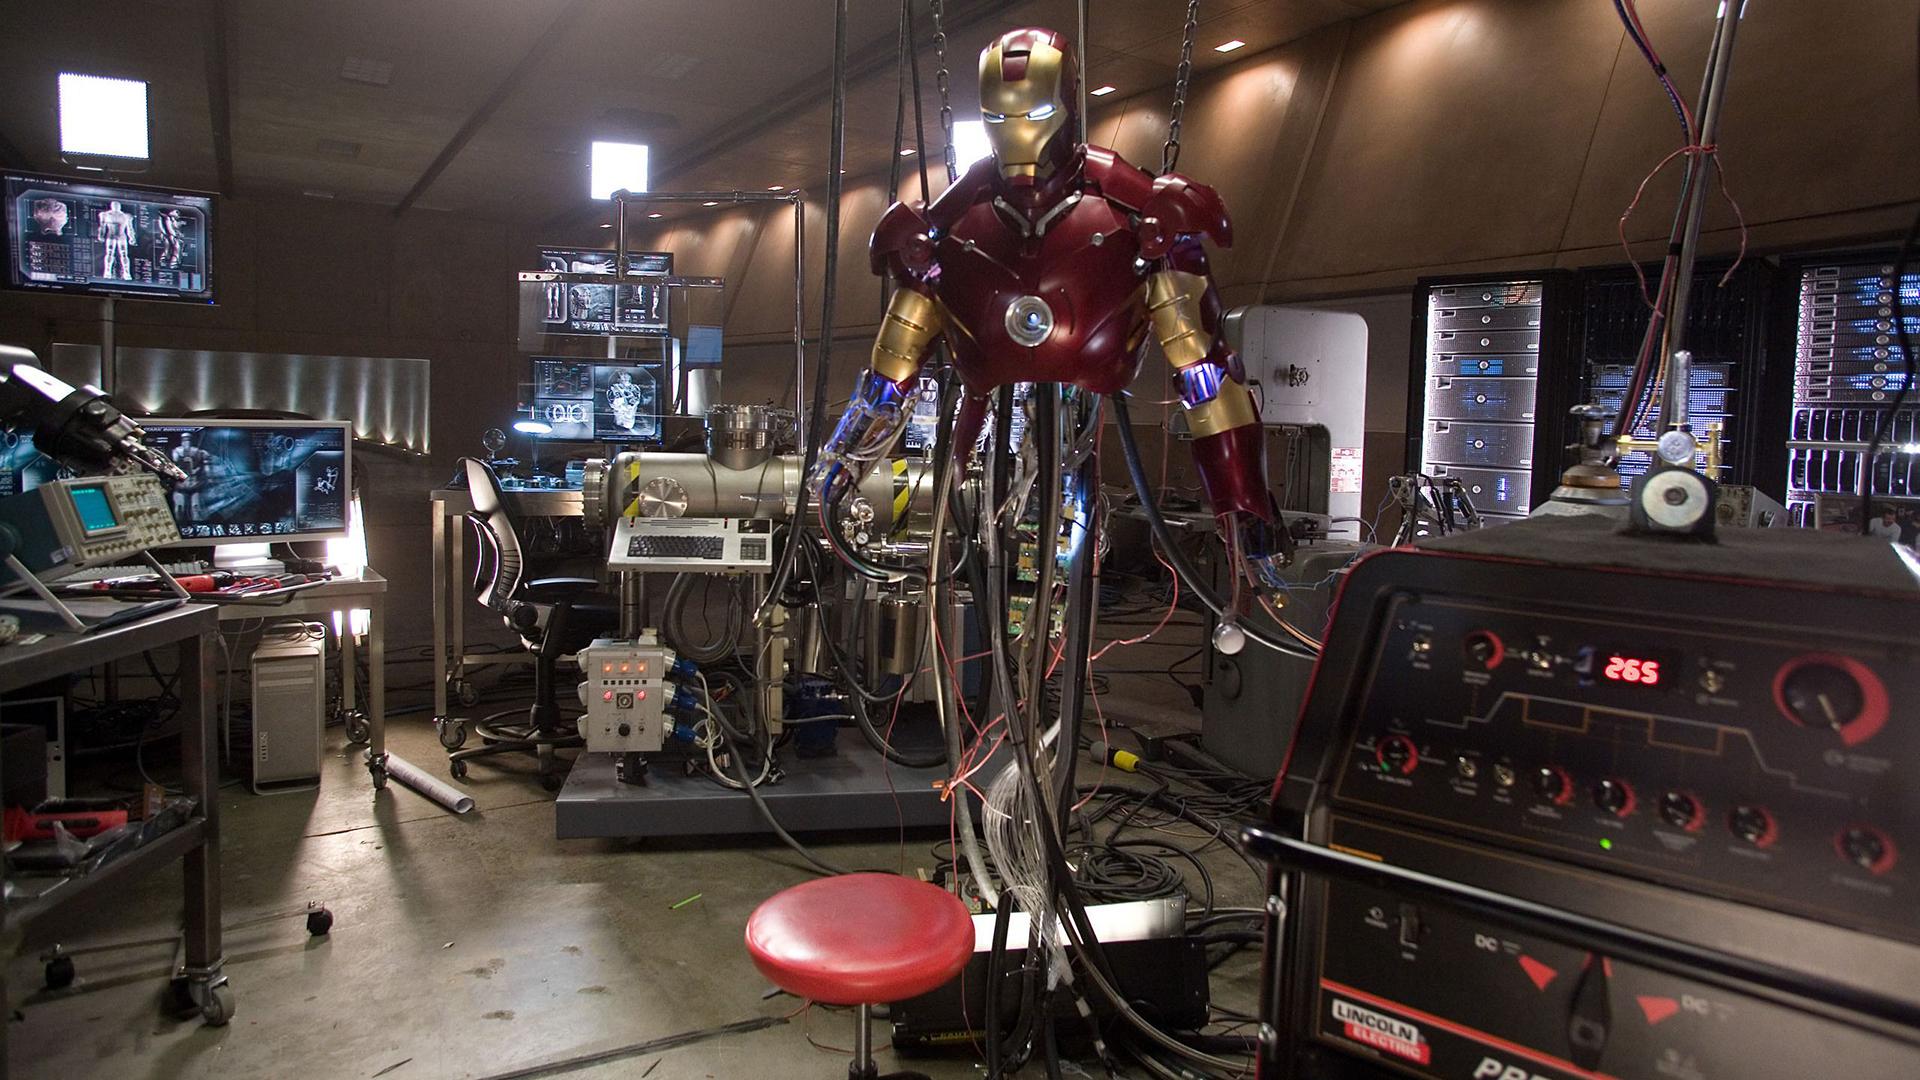 Iron Man manutenção de armadura. Fundo virtual gratuito para Zoom, Microsoft Teams, Skype, Google Meet e WebEx ou qualquer outra aplicação compatível.